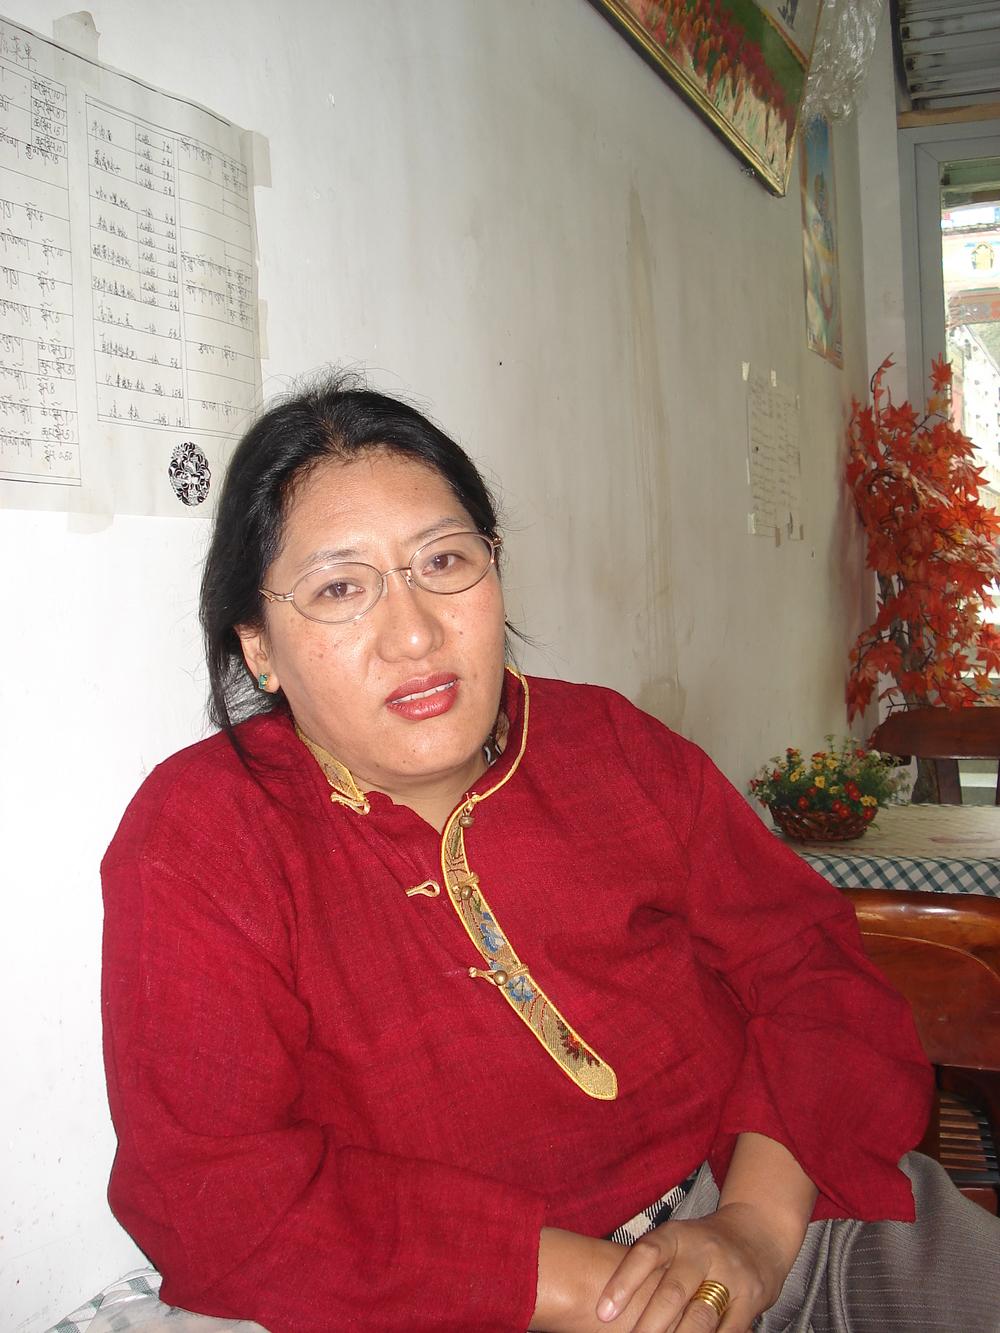 in tibetan picture 202 (2).jpg